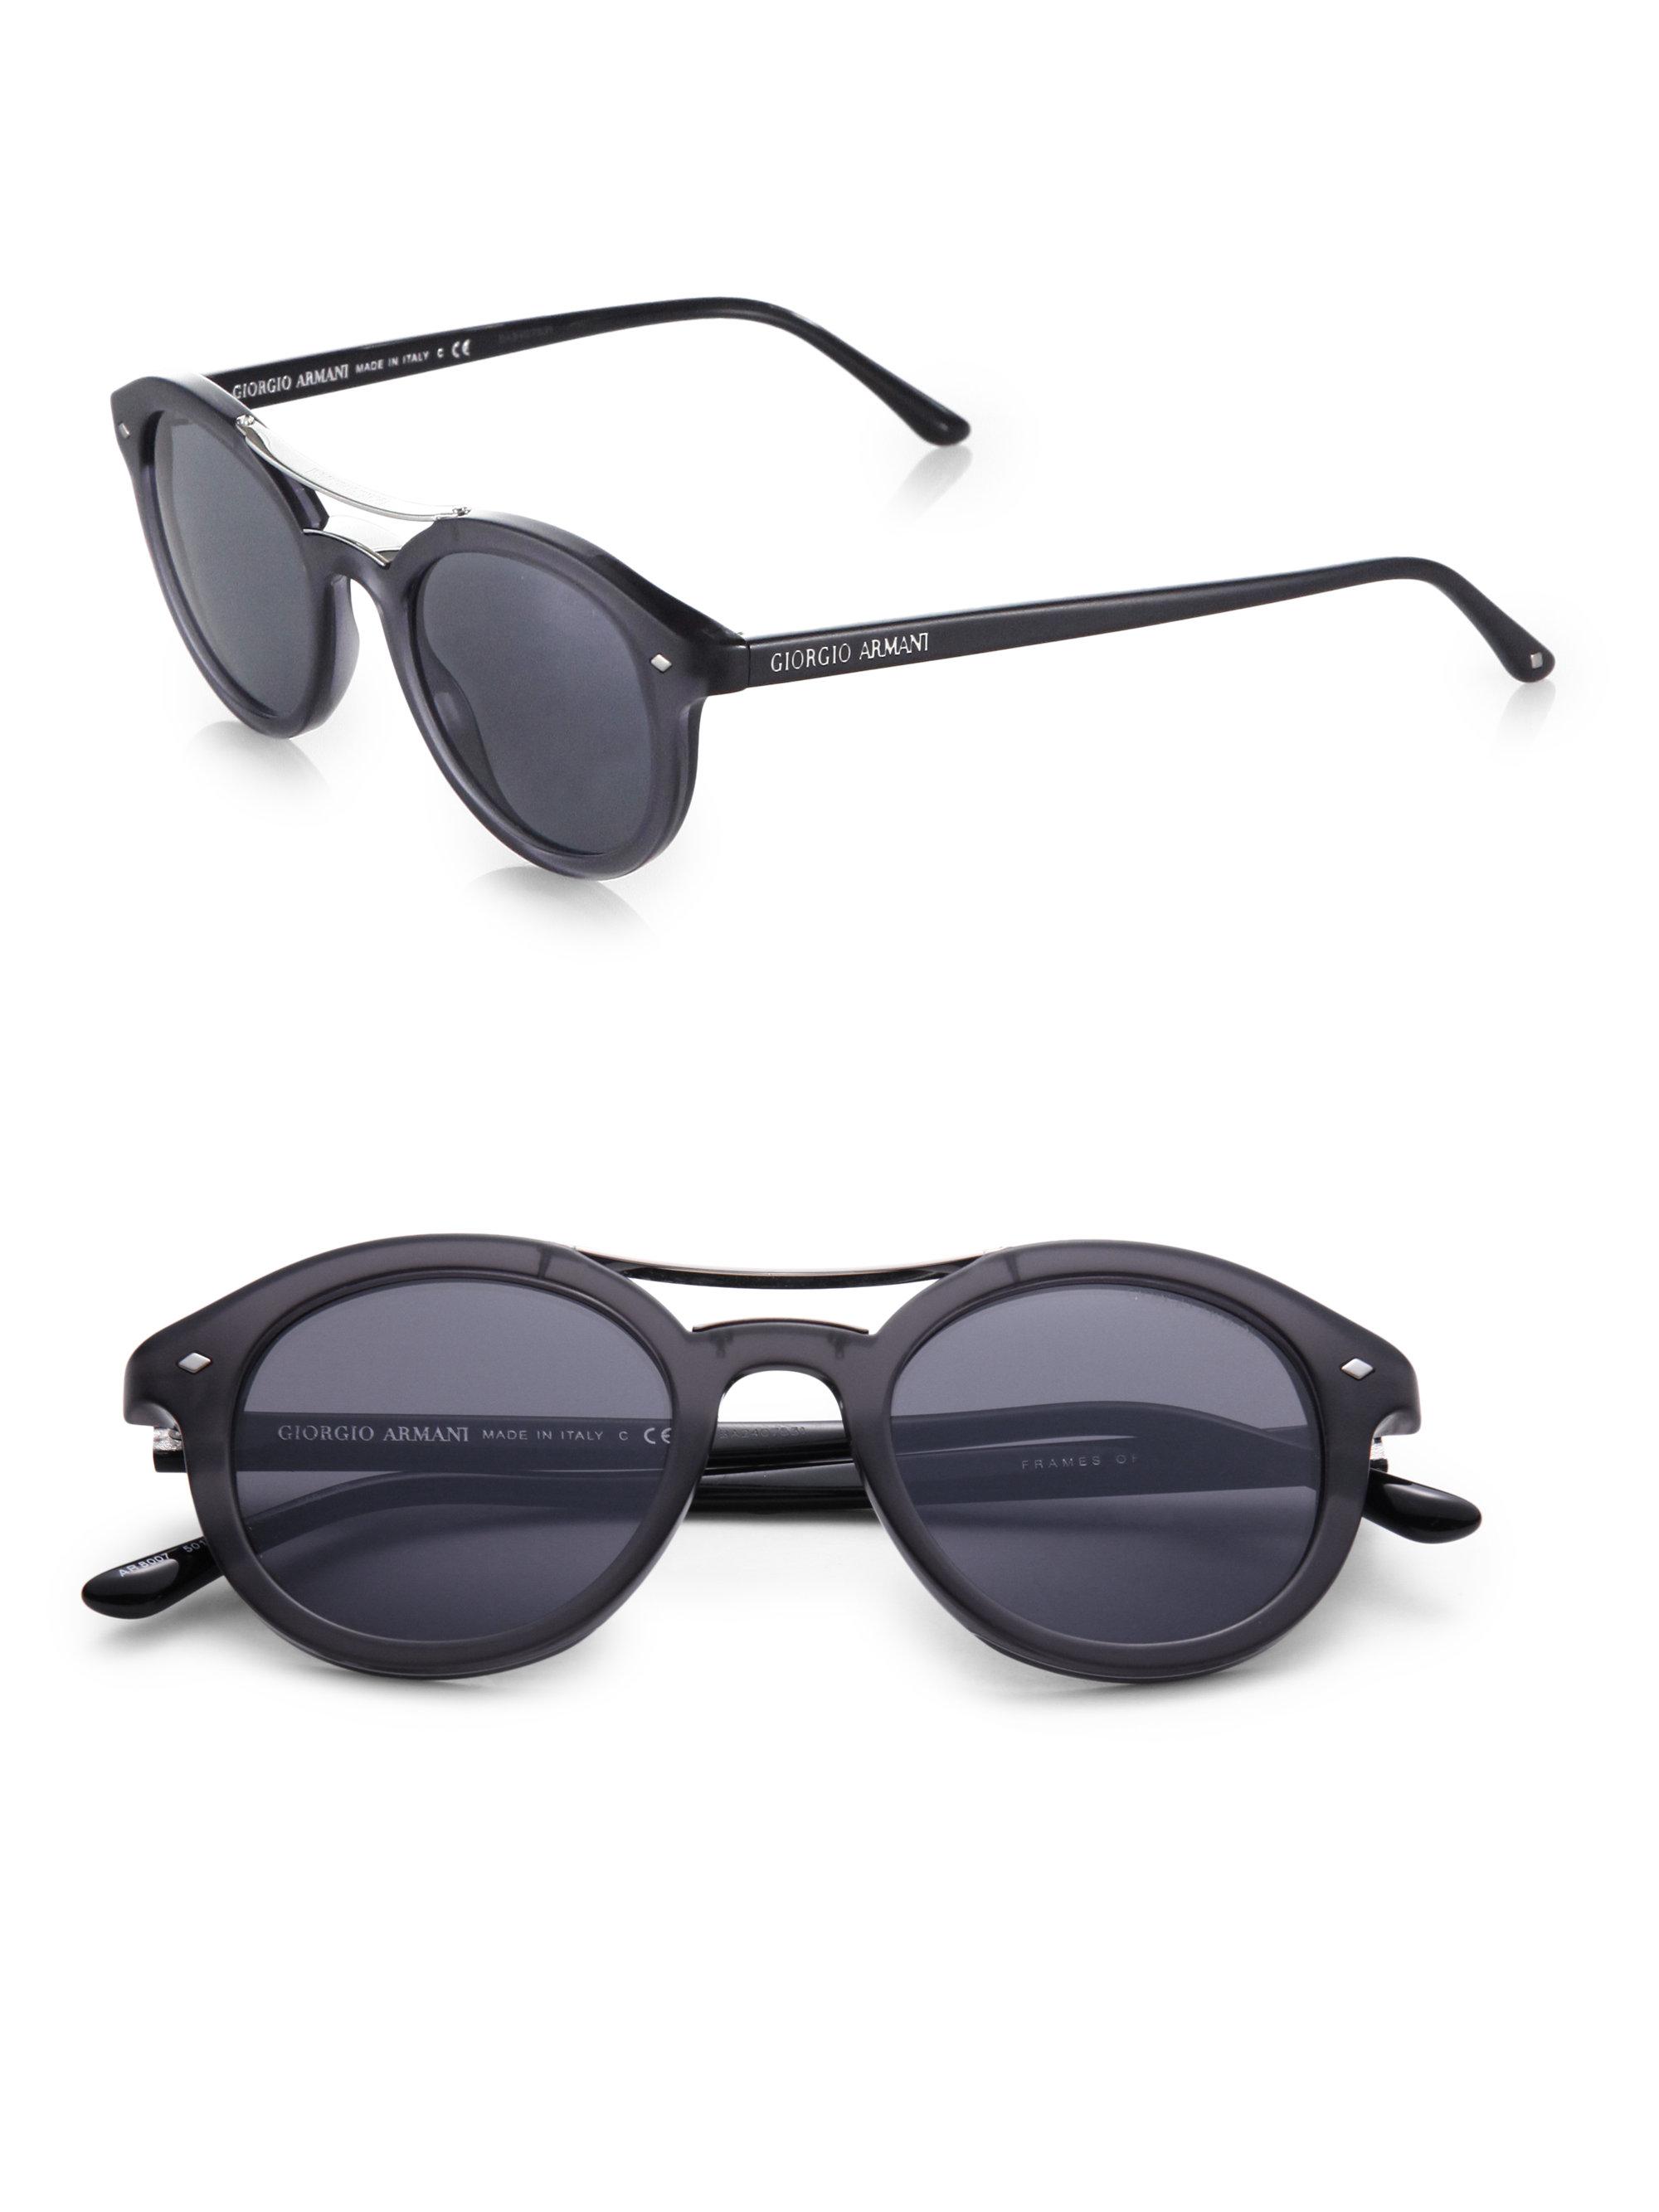 ae14e9eba43 Giorgio armani Round Brow Bar Sunglasses in Gray for Men